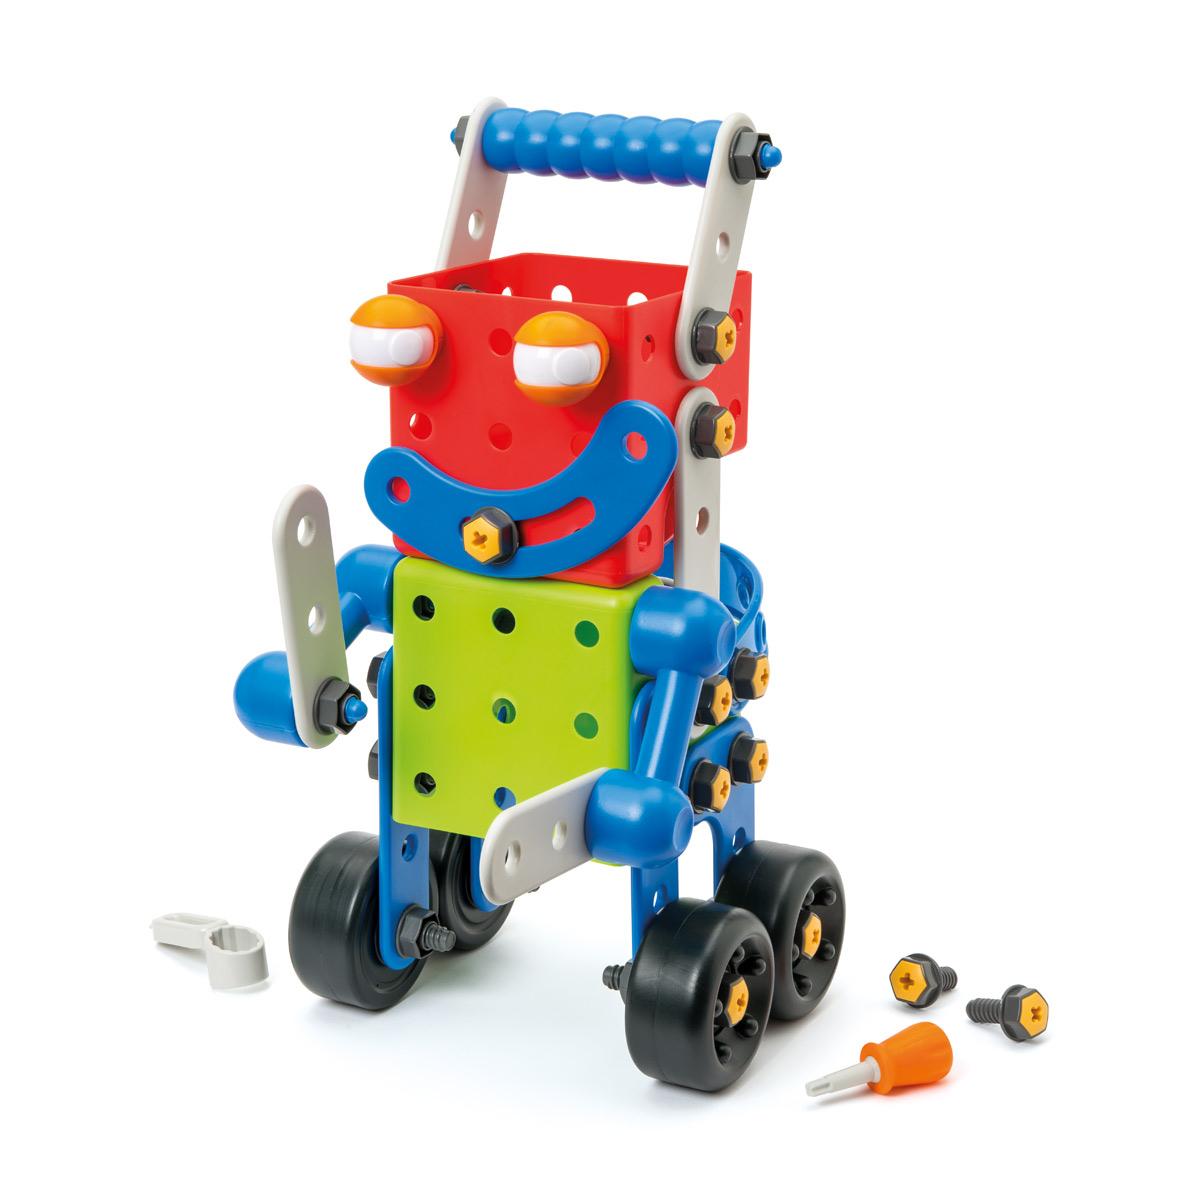 Robot Build It Géant 81 Pièces serapportantà Jeux Pour Voiture Bébé